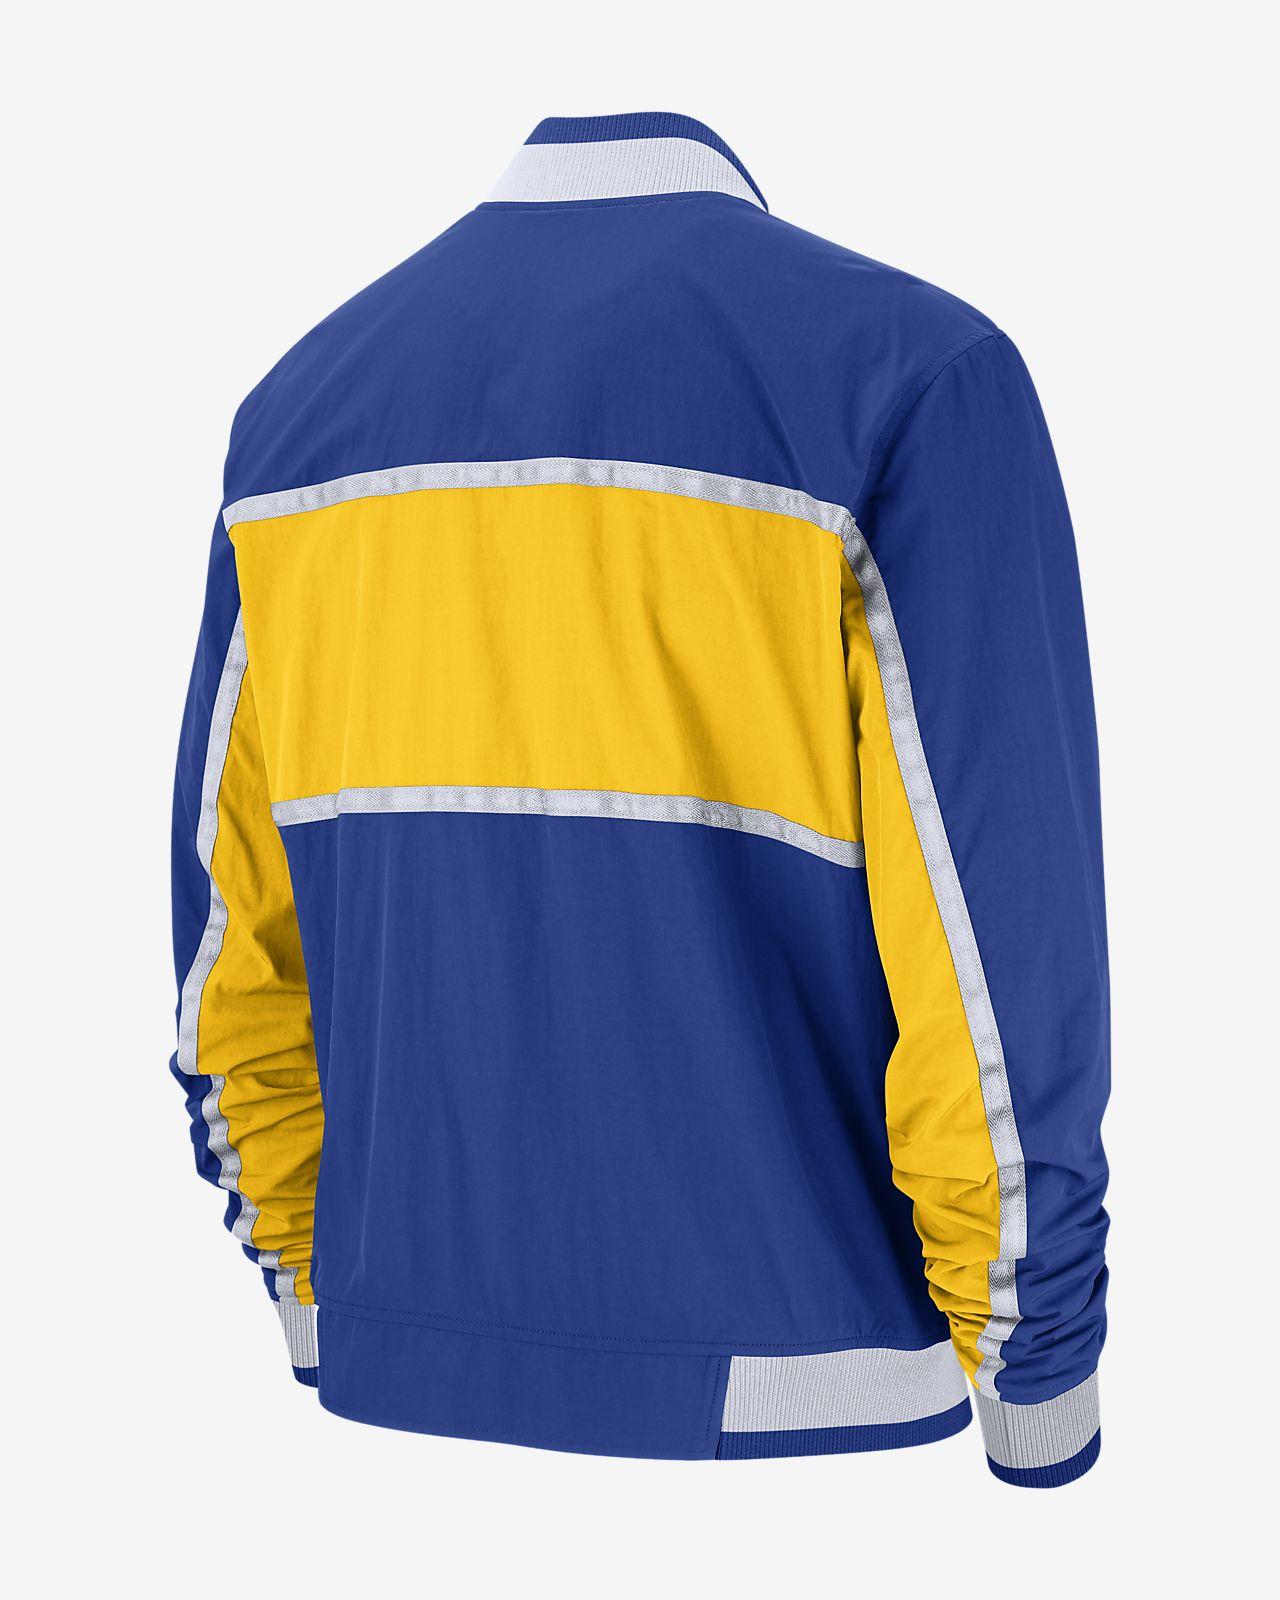 90ef80d3c7ff Golden State Warriors Nike Courtside Men s NBA Jacket. Nike.com